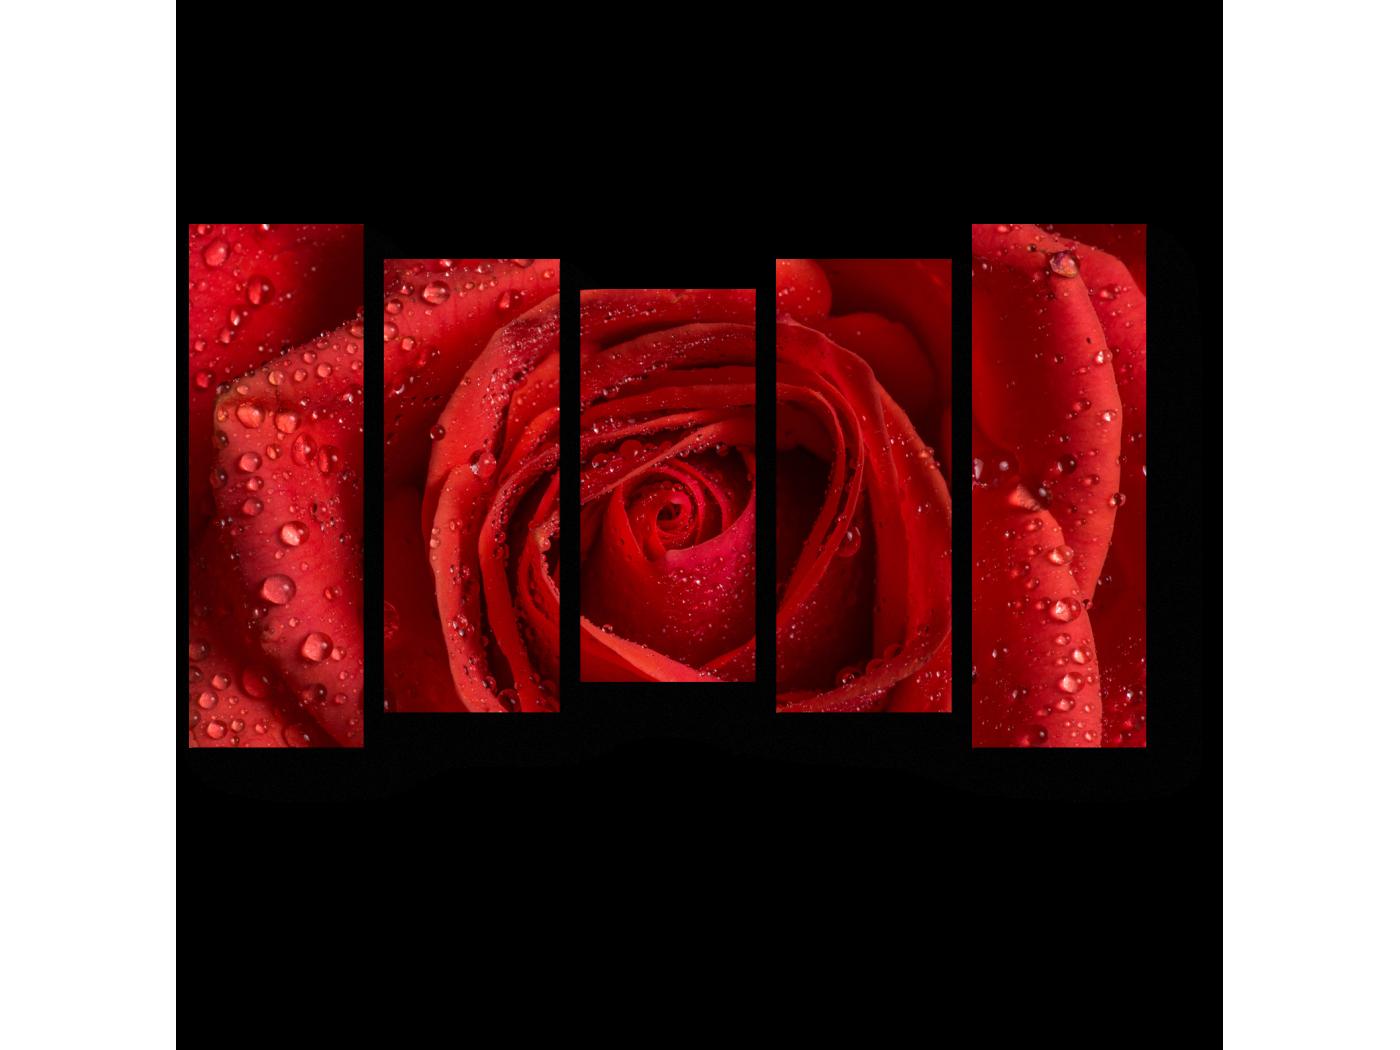 Модульная картина Алая роза (90x54) фото